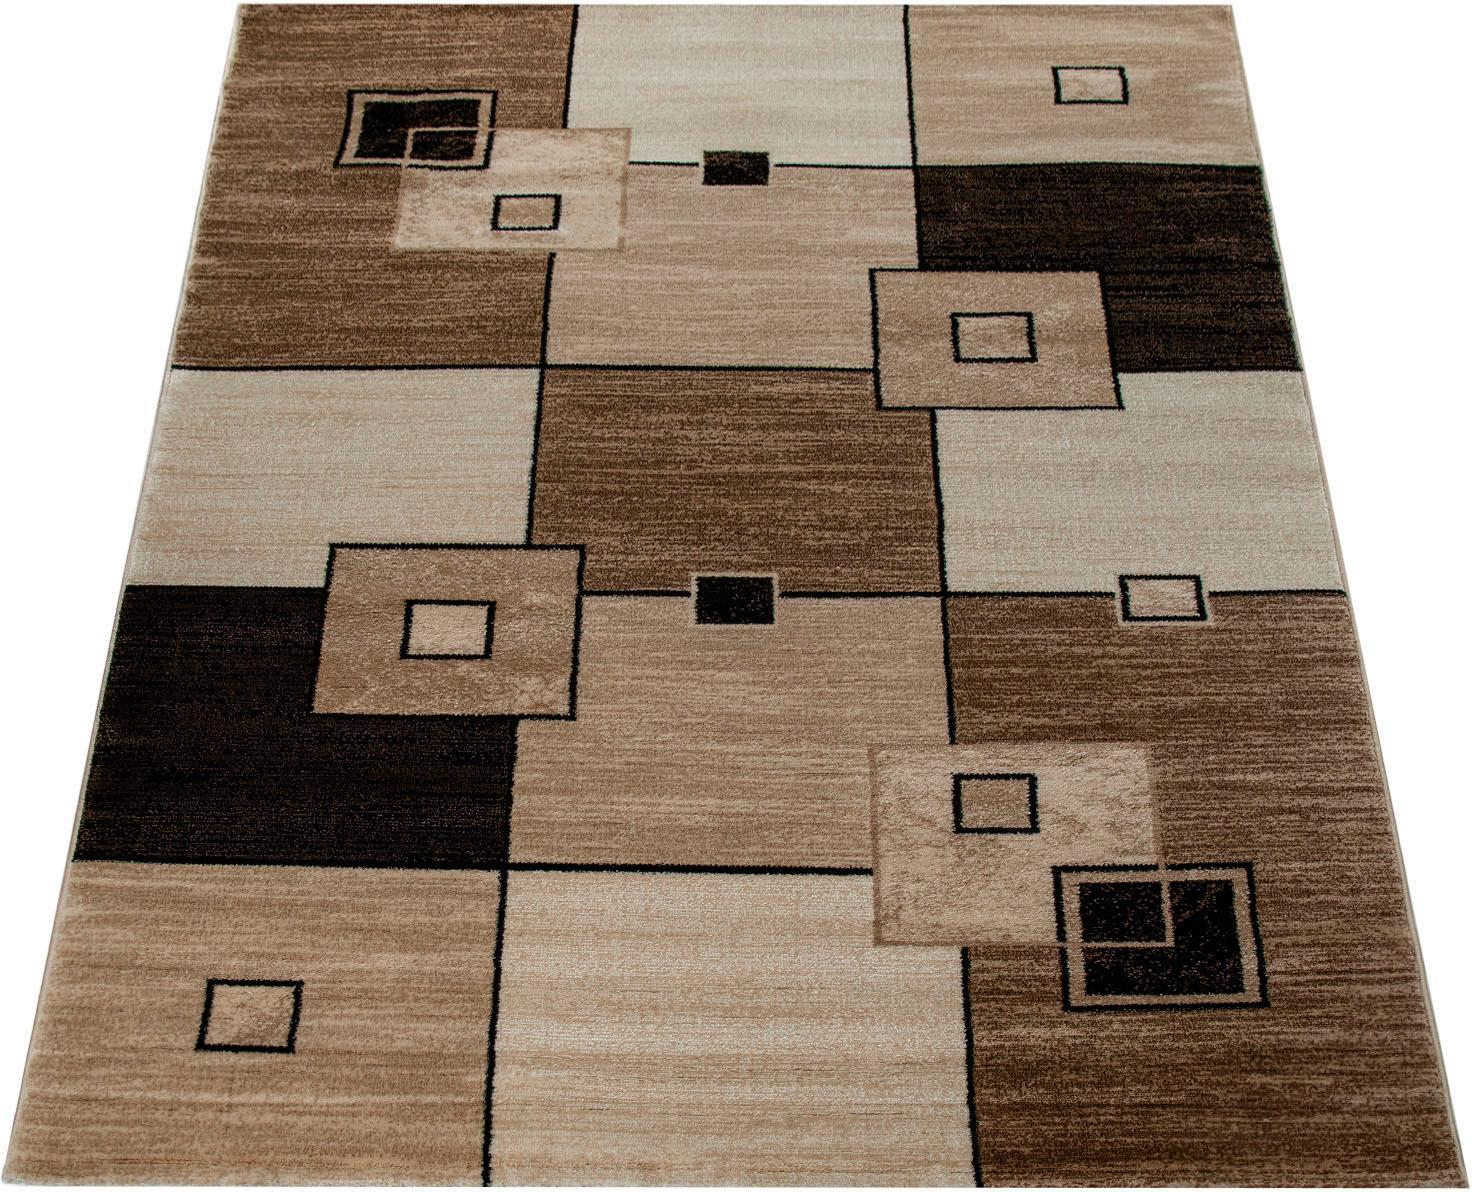 Teppich Tibesti5082 Paco Home rechteckig Höhe 16 mm maschinell gewebt